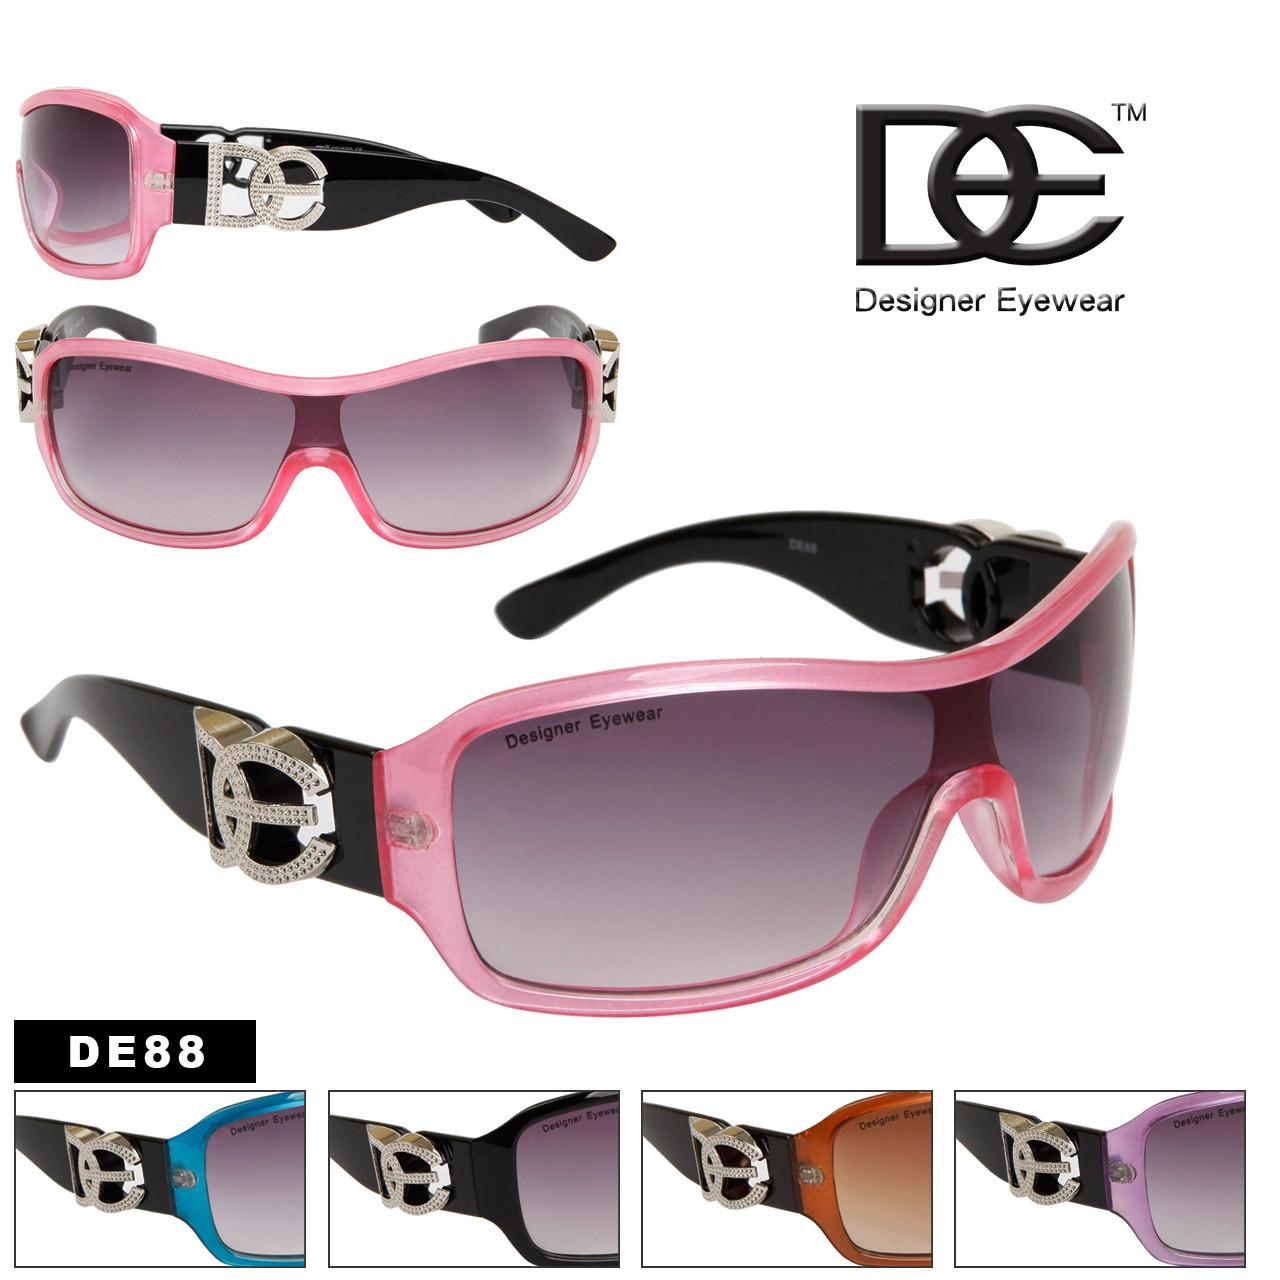 DE88 Stunner Sunglasses for Women